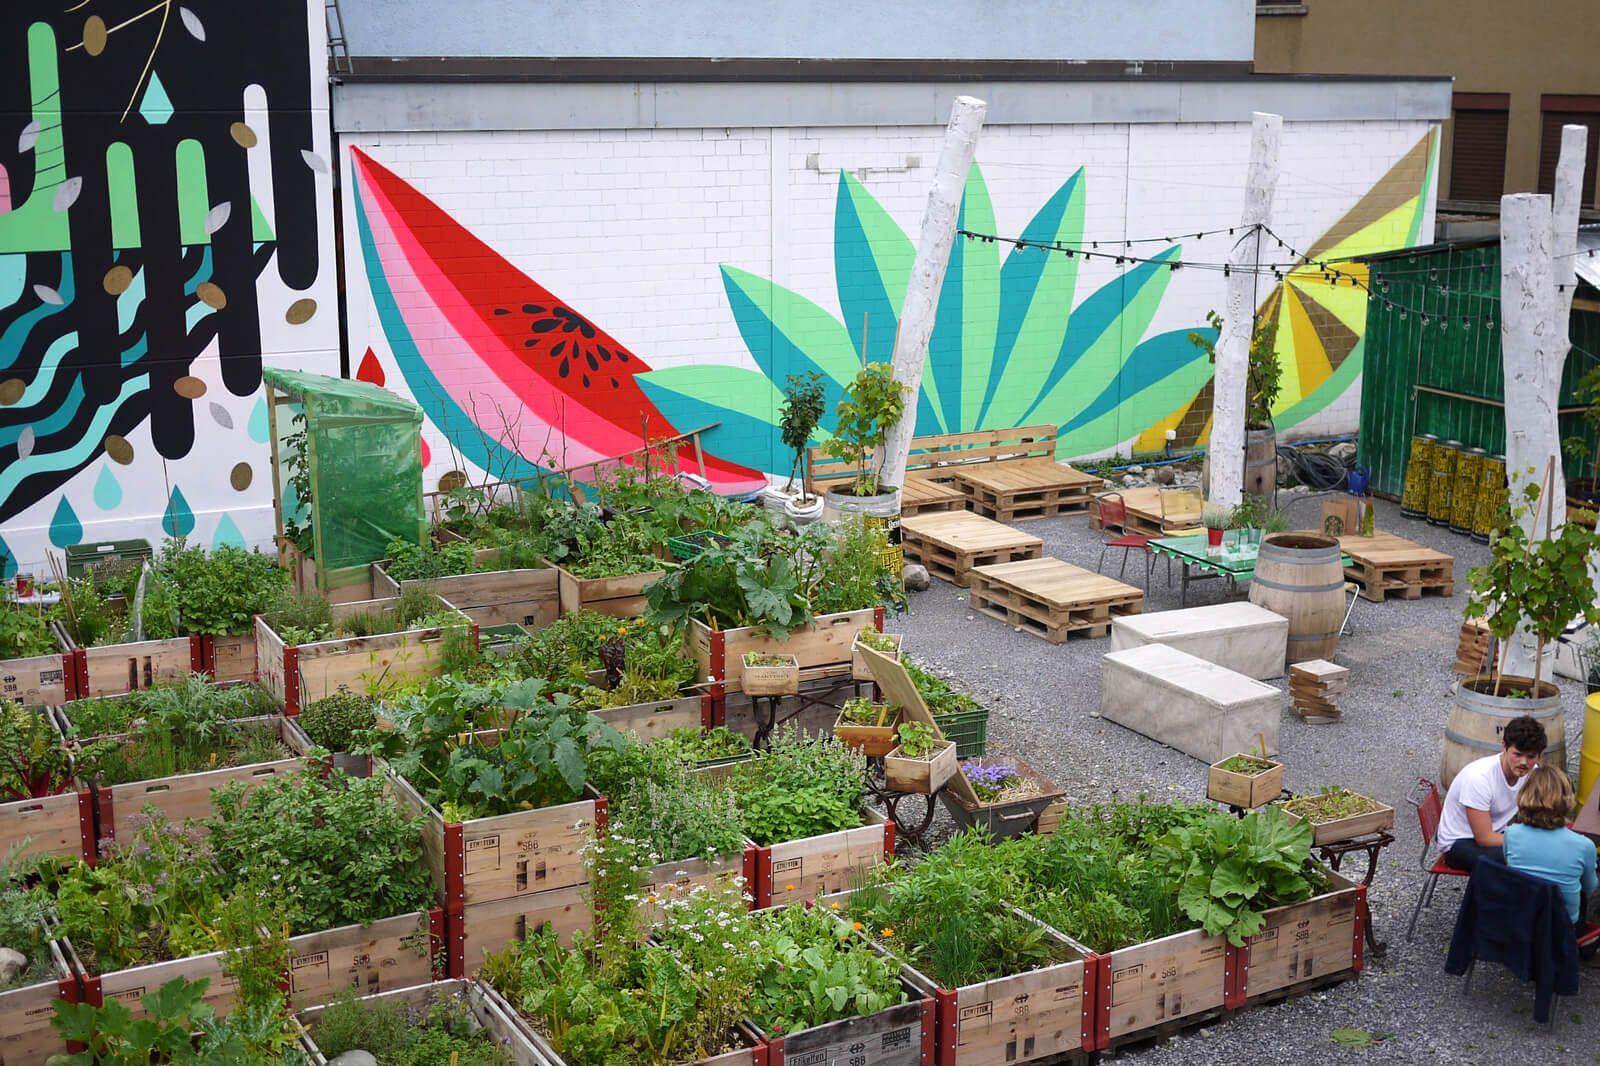 Why Frau Gerolds Garten In Zurich Is An Urban Oasis Urban Garden Garden Projects Urban Oasis